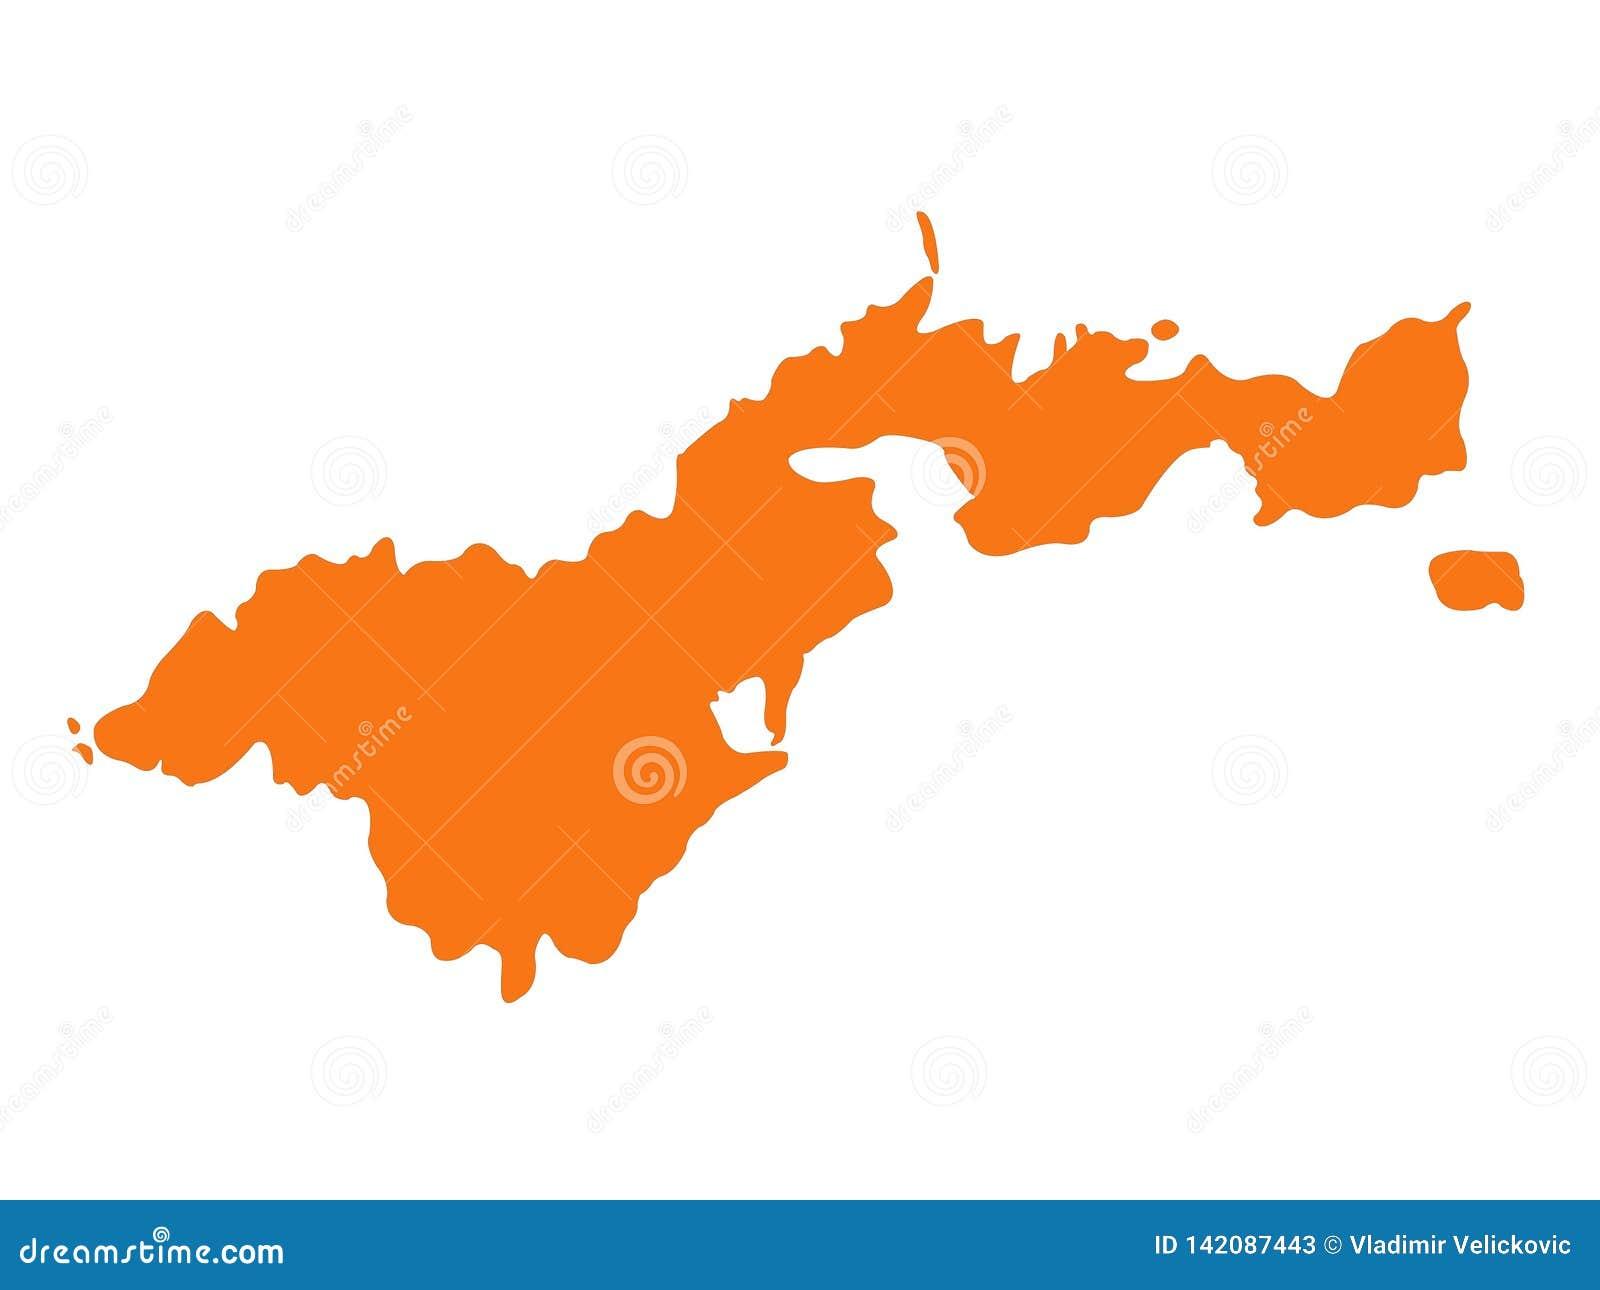 美属萨摩亚-岛屿国家在太平洋